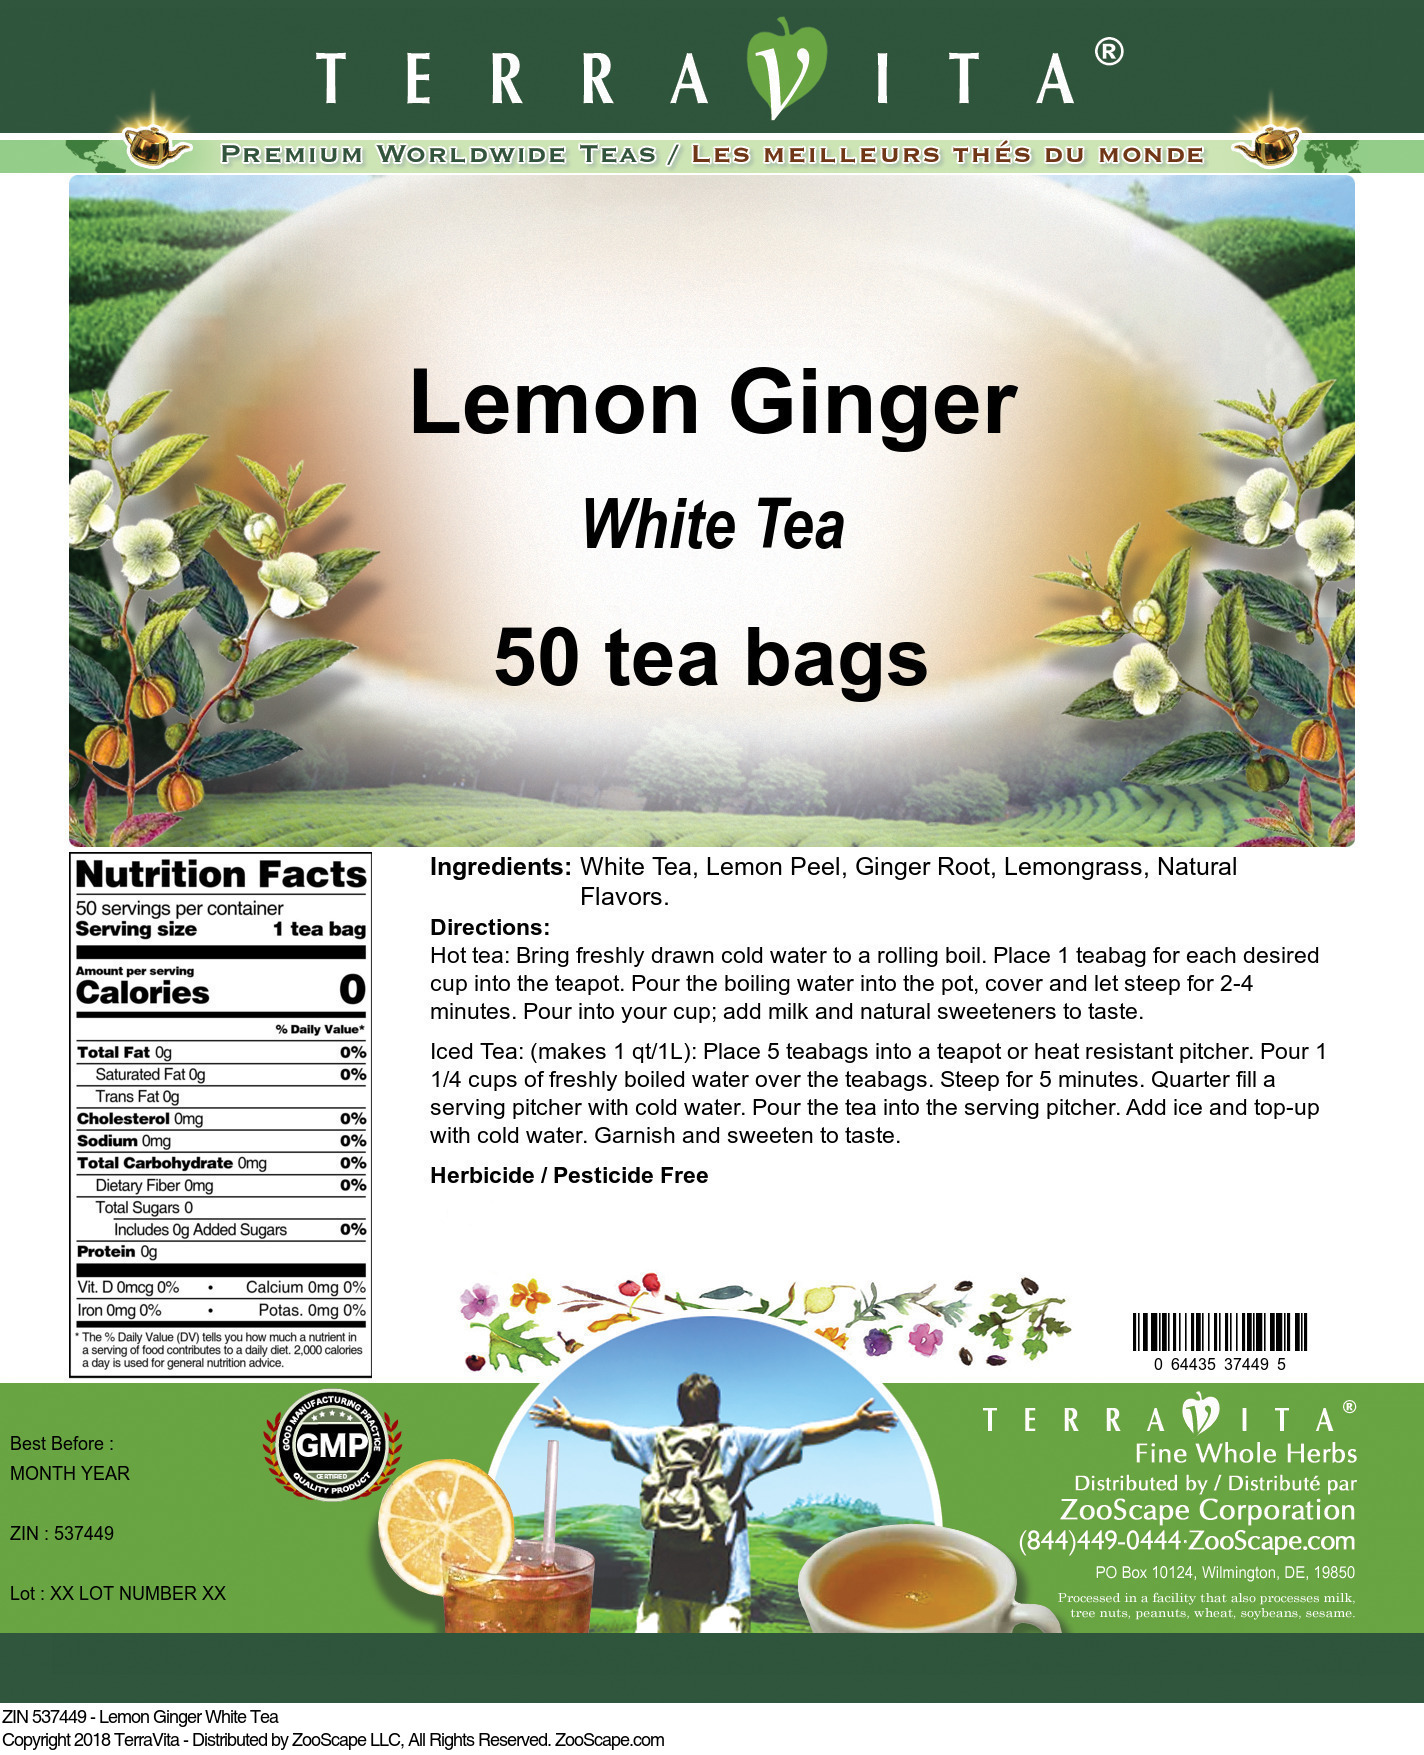 Lemon Ginger White Tea